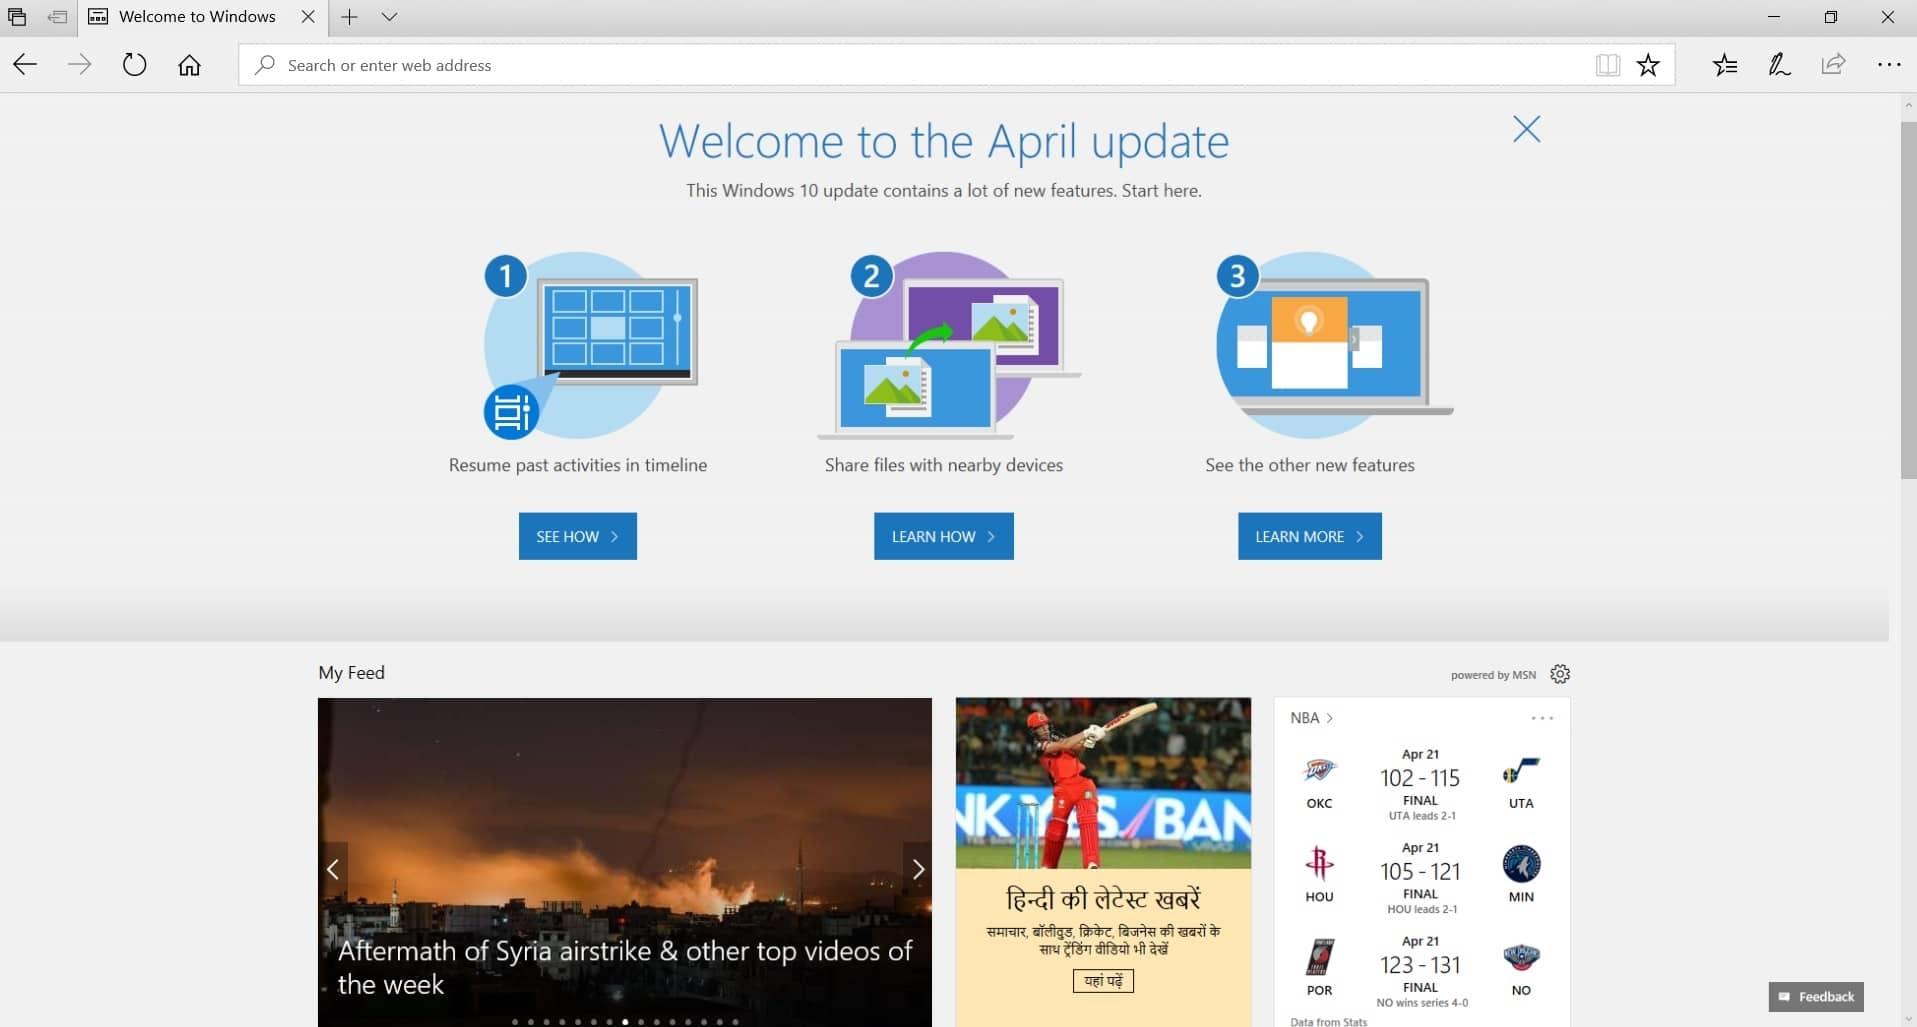 微软官方宣布Windows 10四月更新:Build 17134就它了-微软